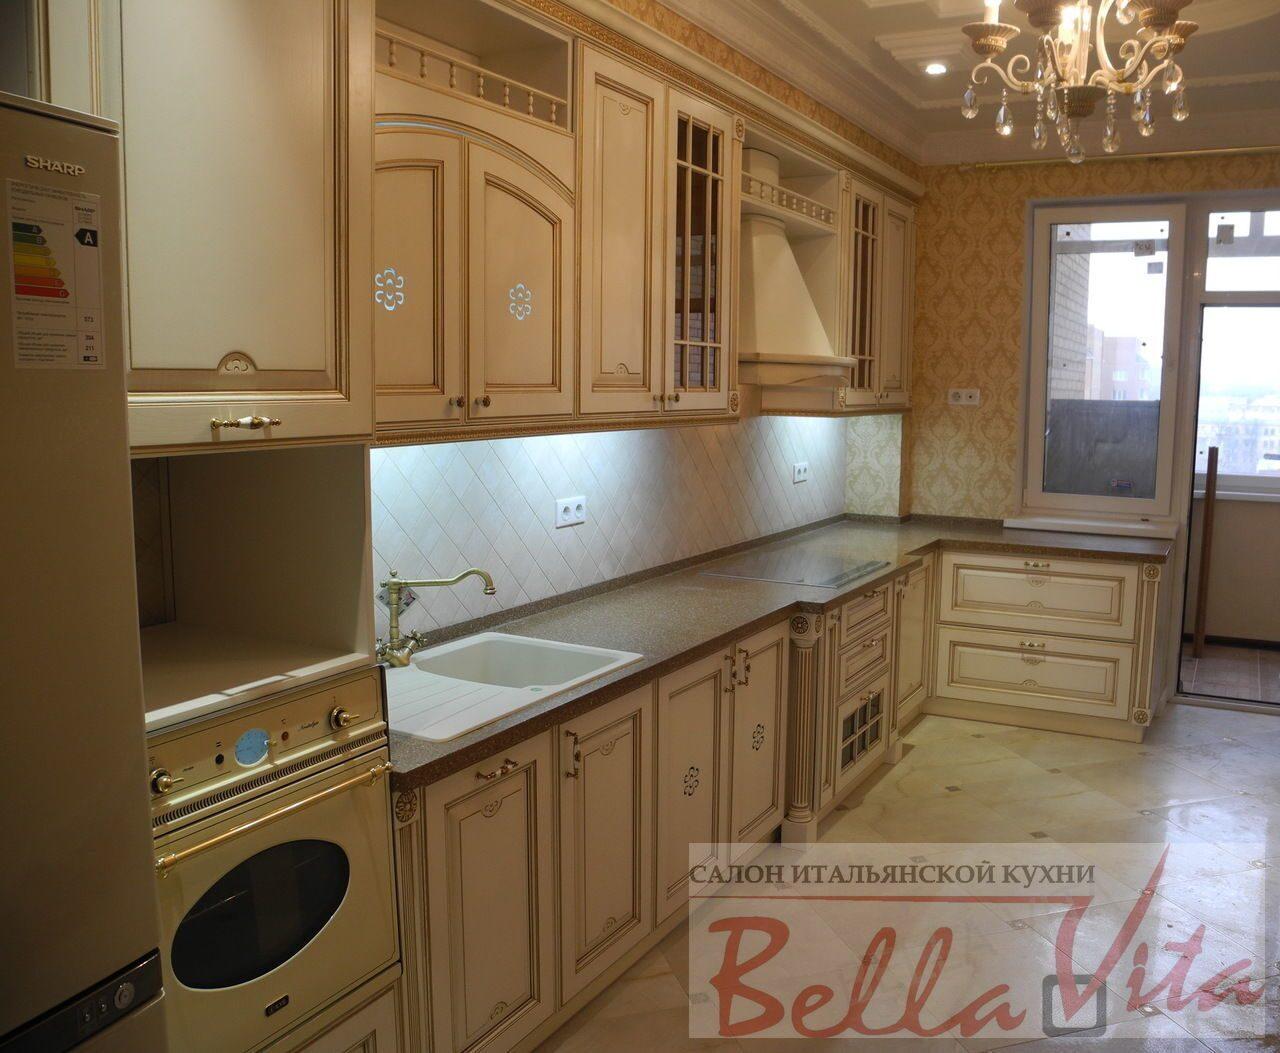 Дизайн кухни с выходом на балкон дизайн кухни - фото, описан.